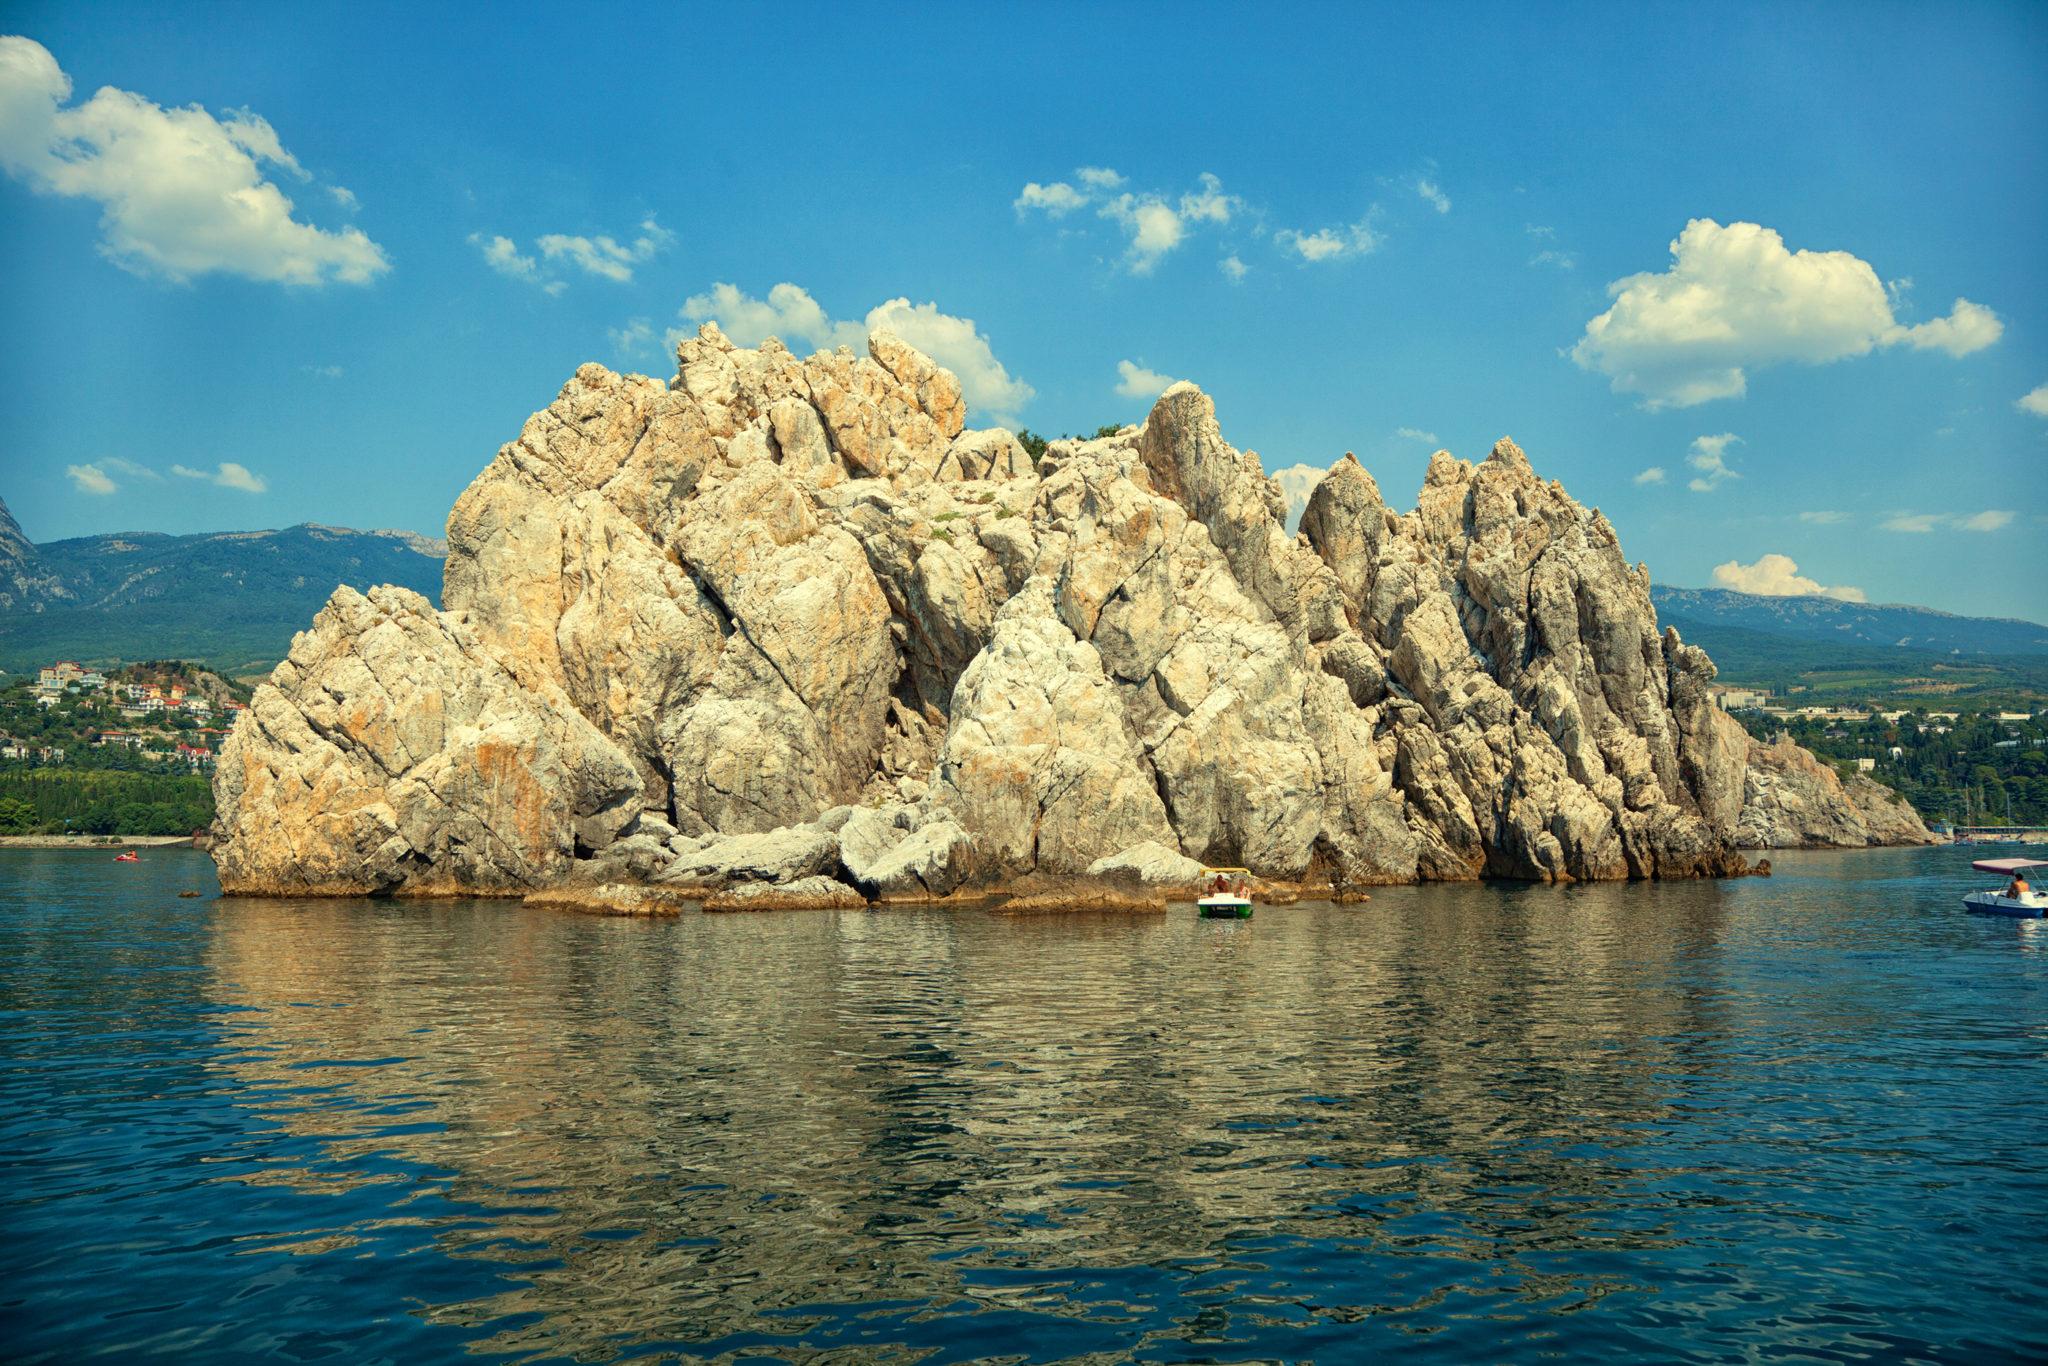 Достопримечательности Гурзуфа, Адалары в море